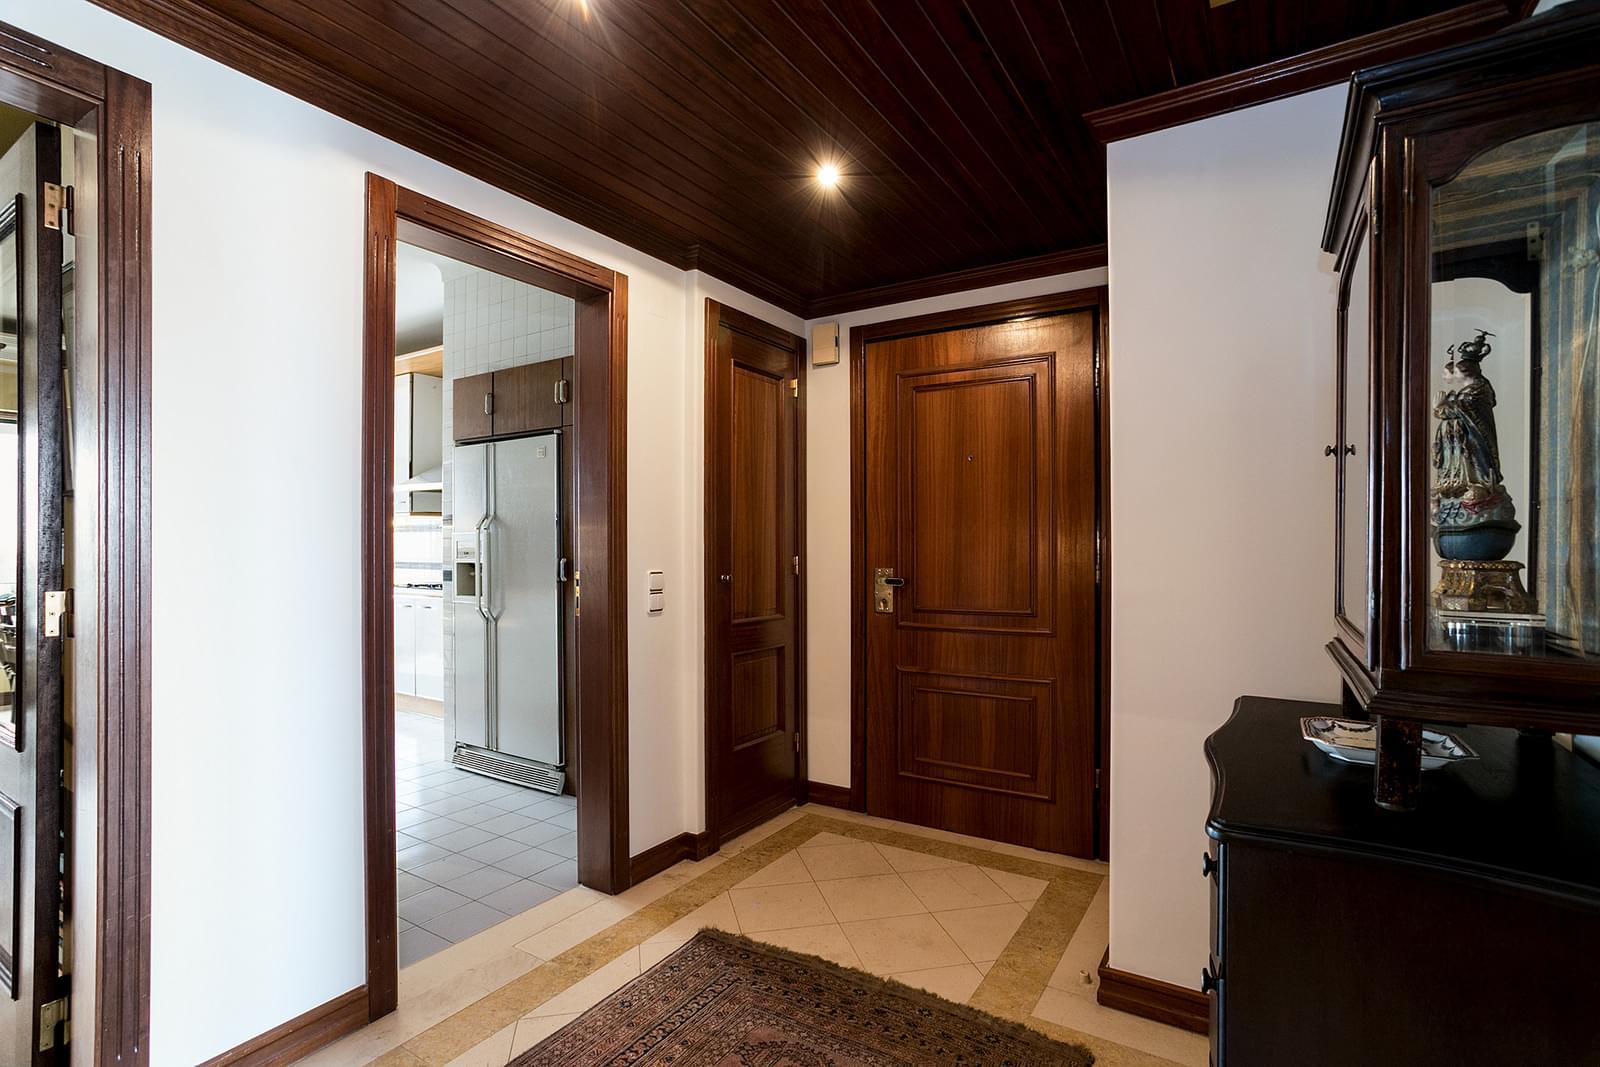 pf17352-apartamento-t3-lisboa-ce8a8498-141a-4518-9e83-953ccbef2c8a